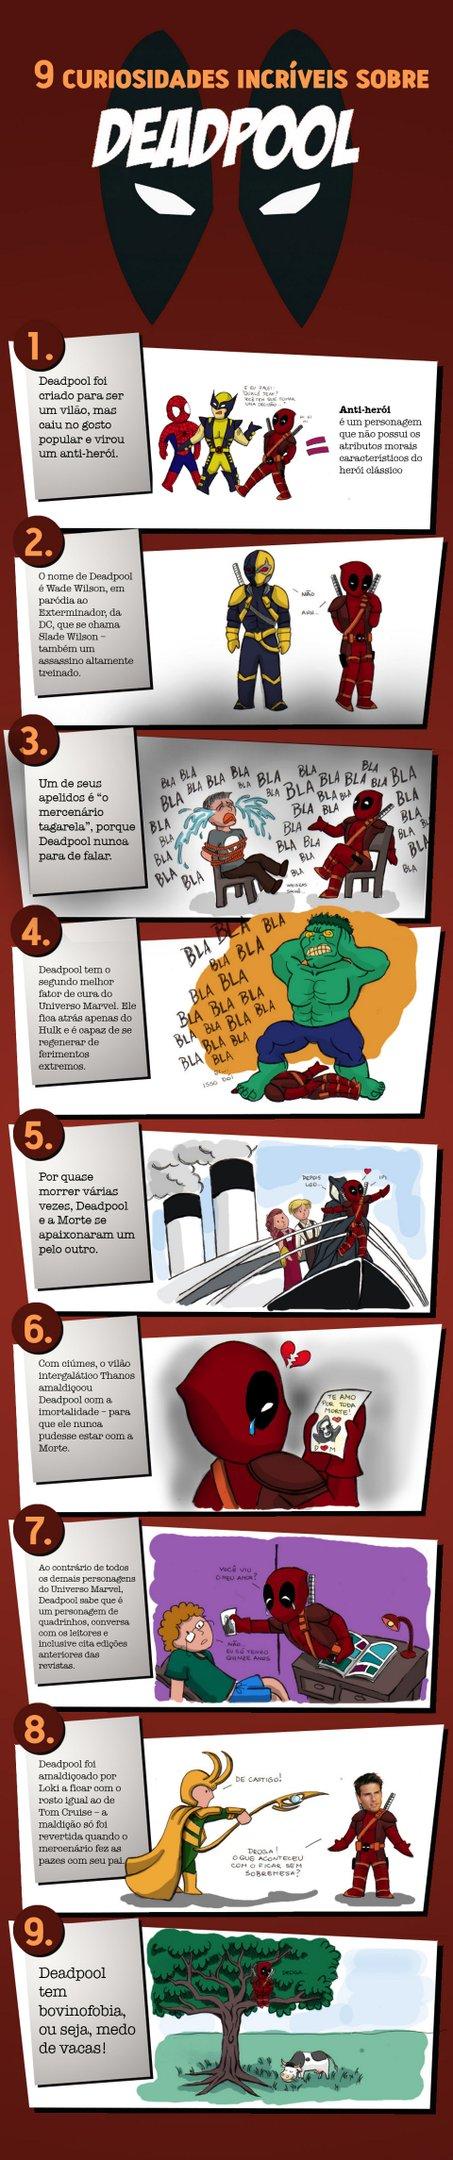 9 curiosidades incríveis sobre Deadpool [infográfico]